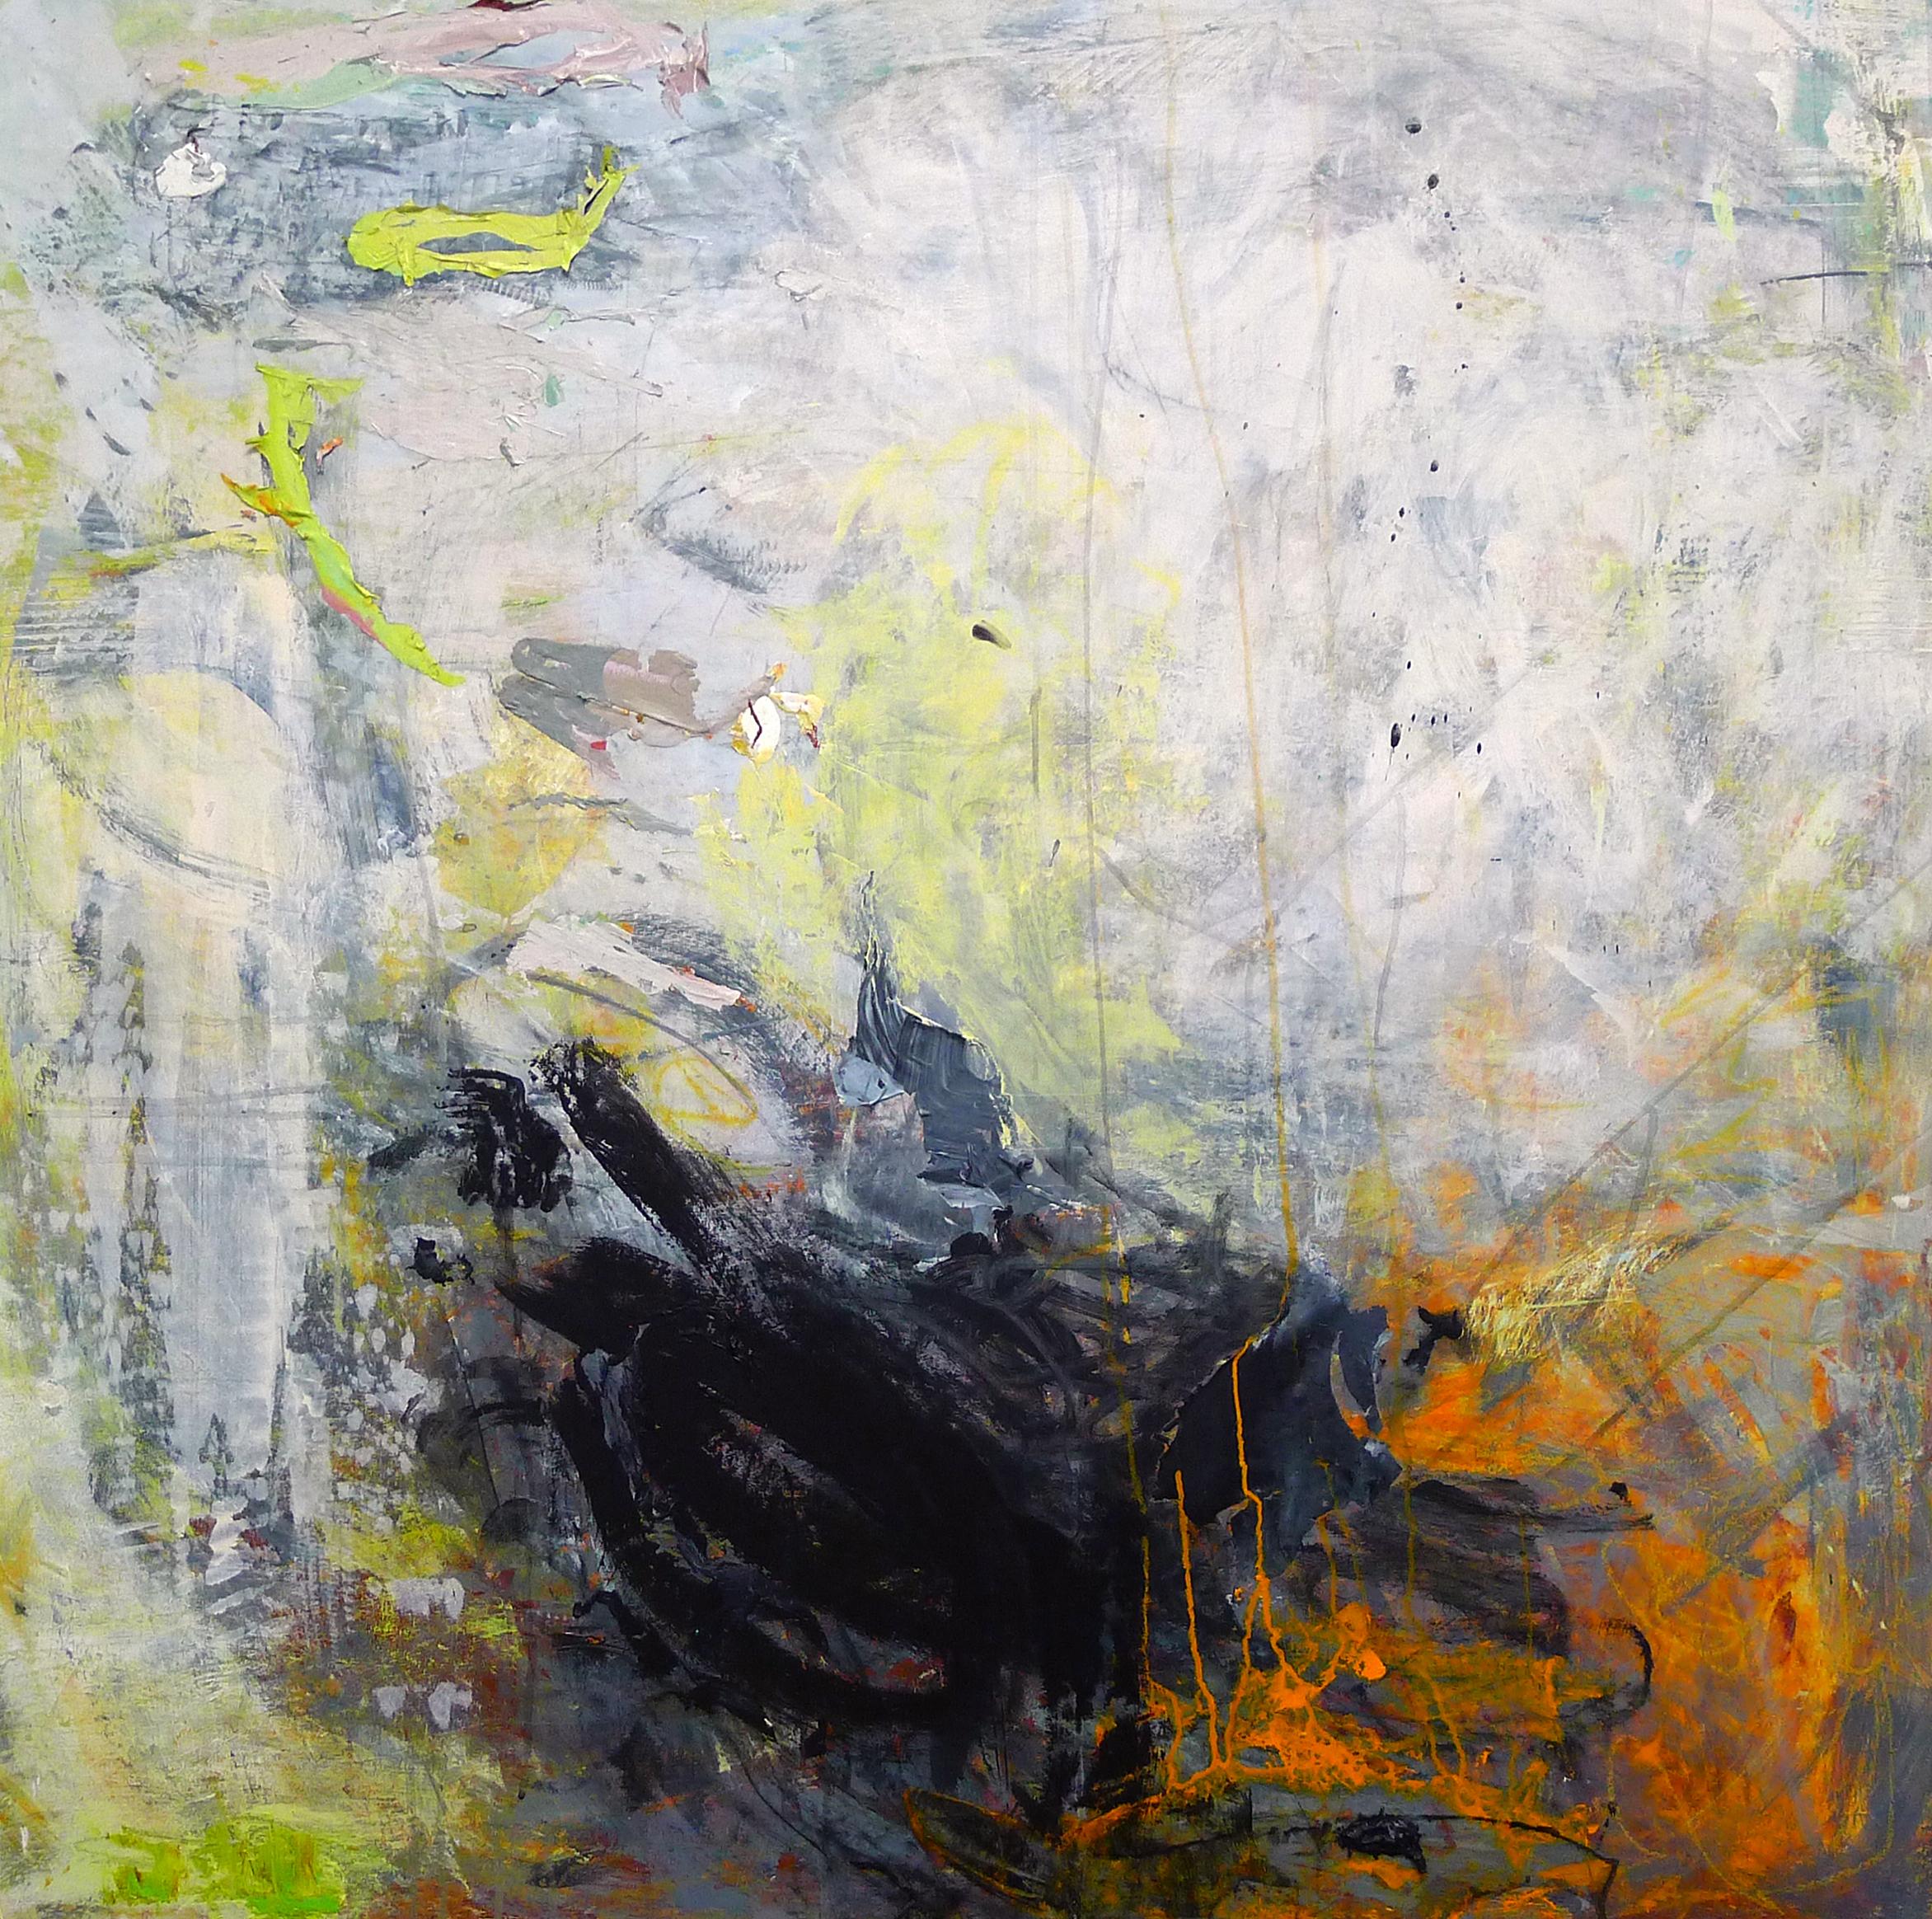 Cirioni,  Mazama 6 , Acrylic on panel, 36x36